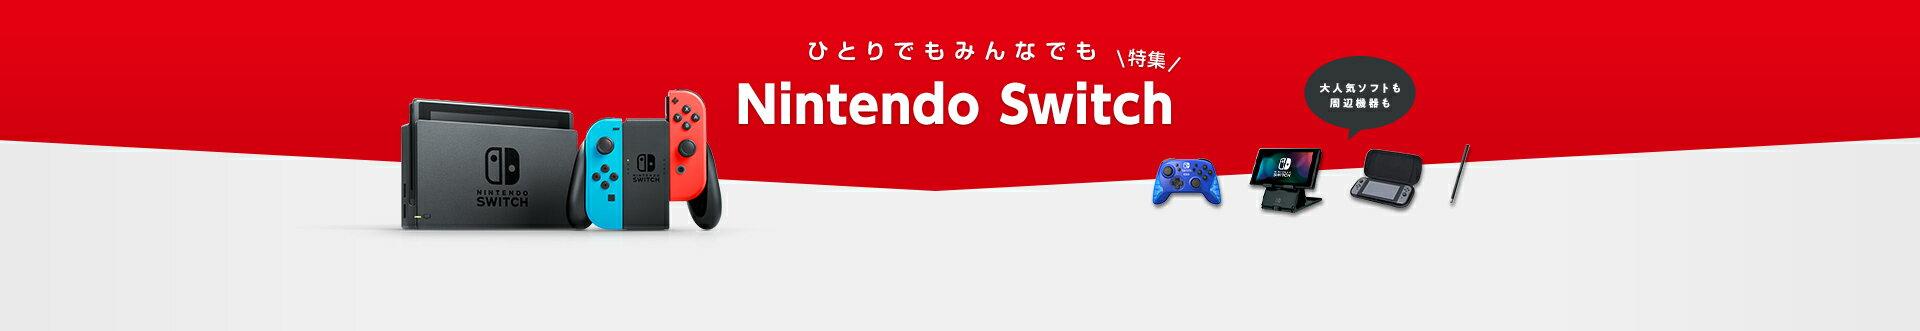 Nintendo Switch|ひとりでもみんなでも